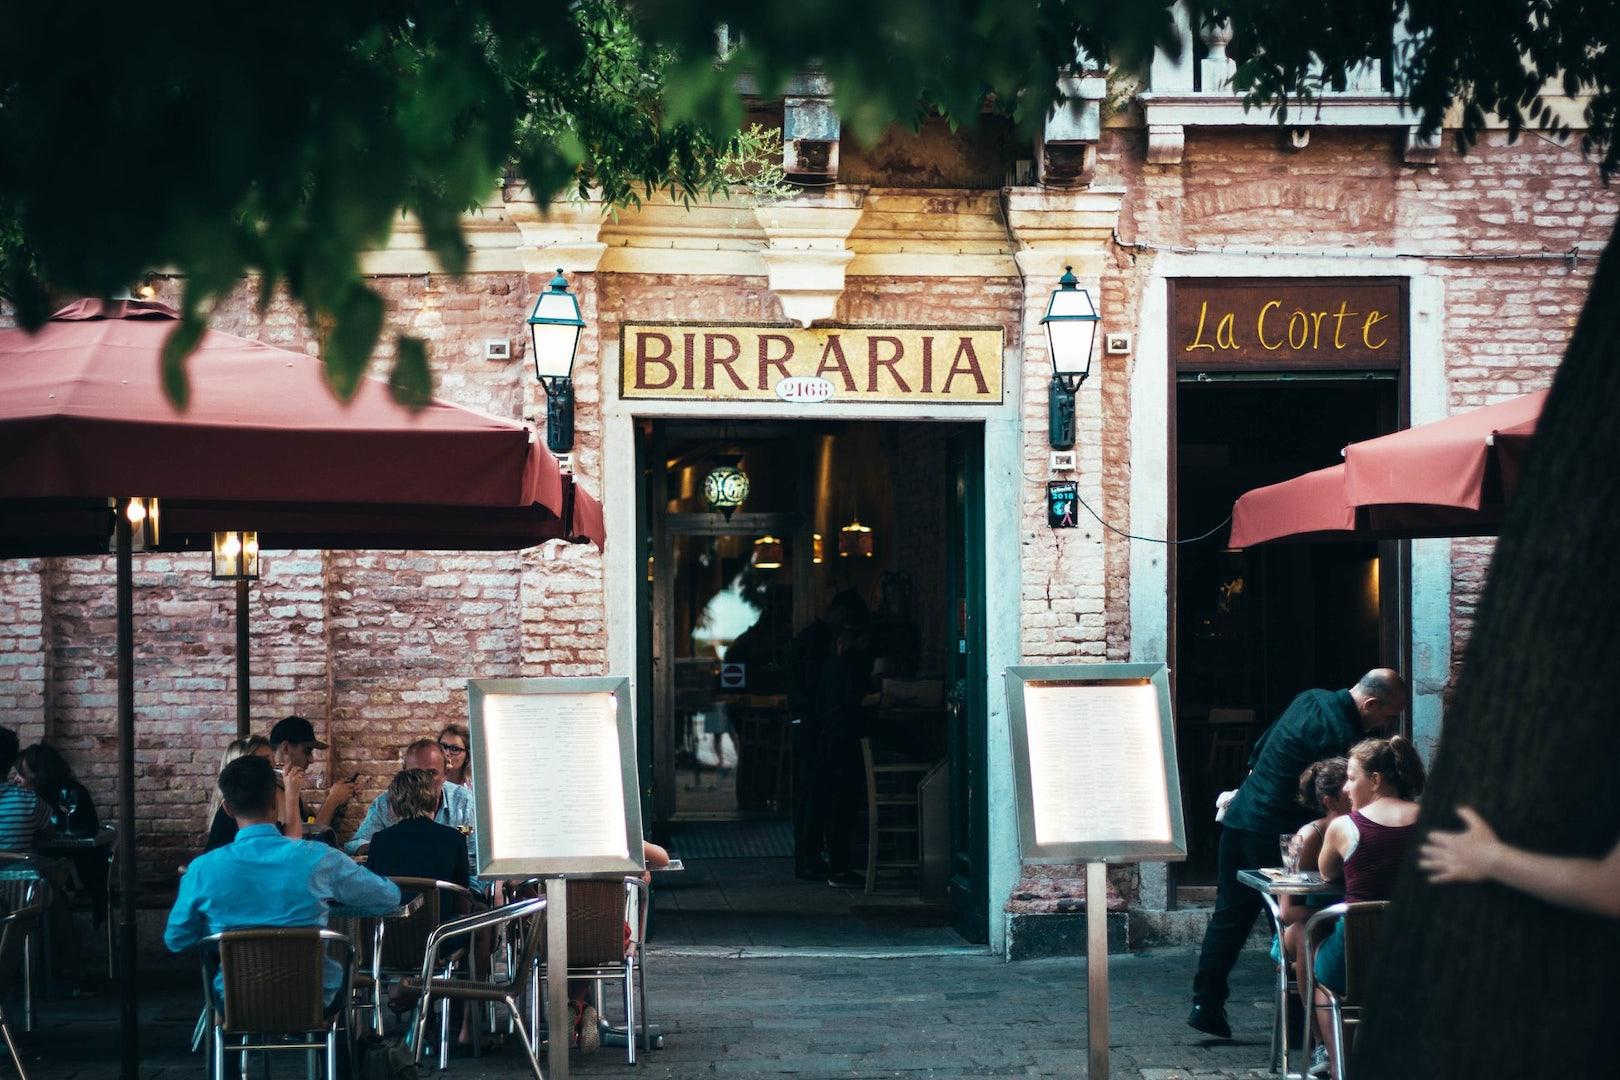 Venice - exterior Birraria La Corte